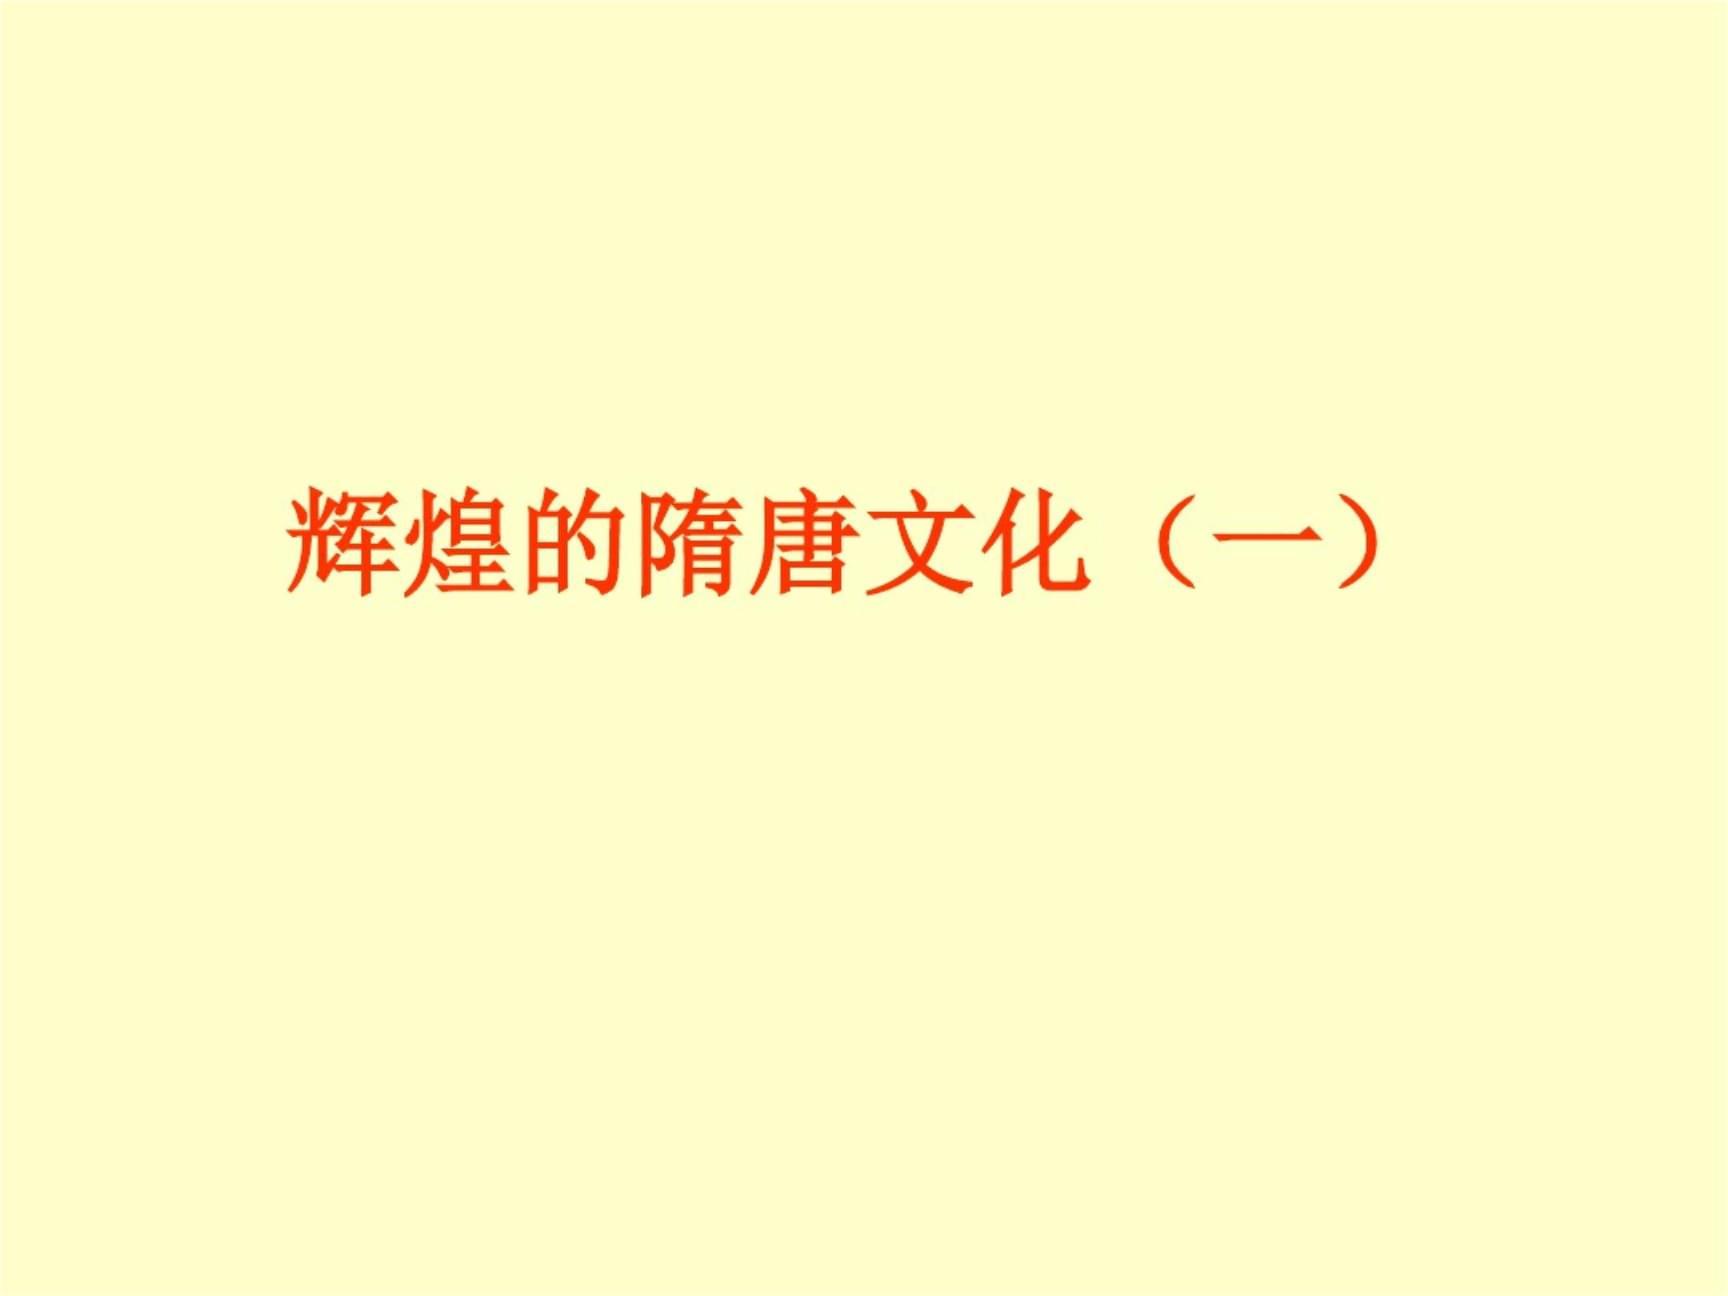 辉煌的唐文化[共23页].pptx